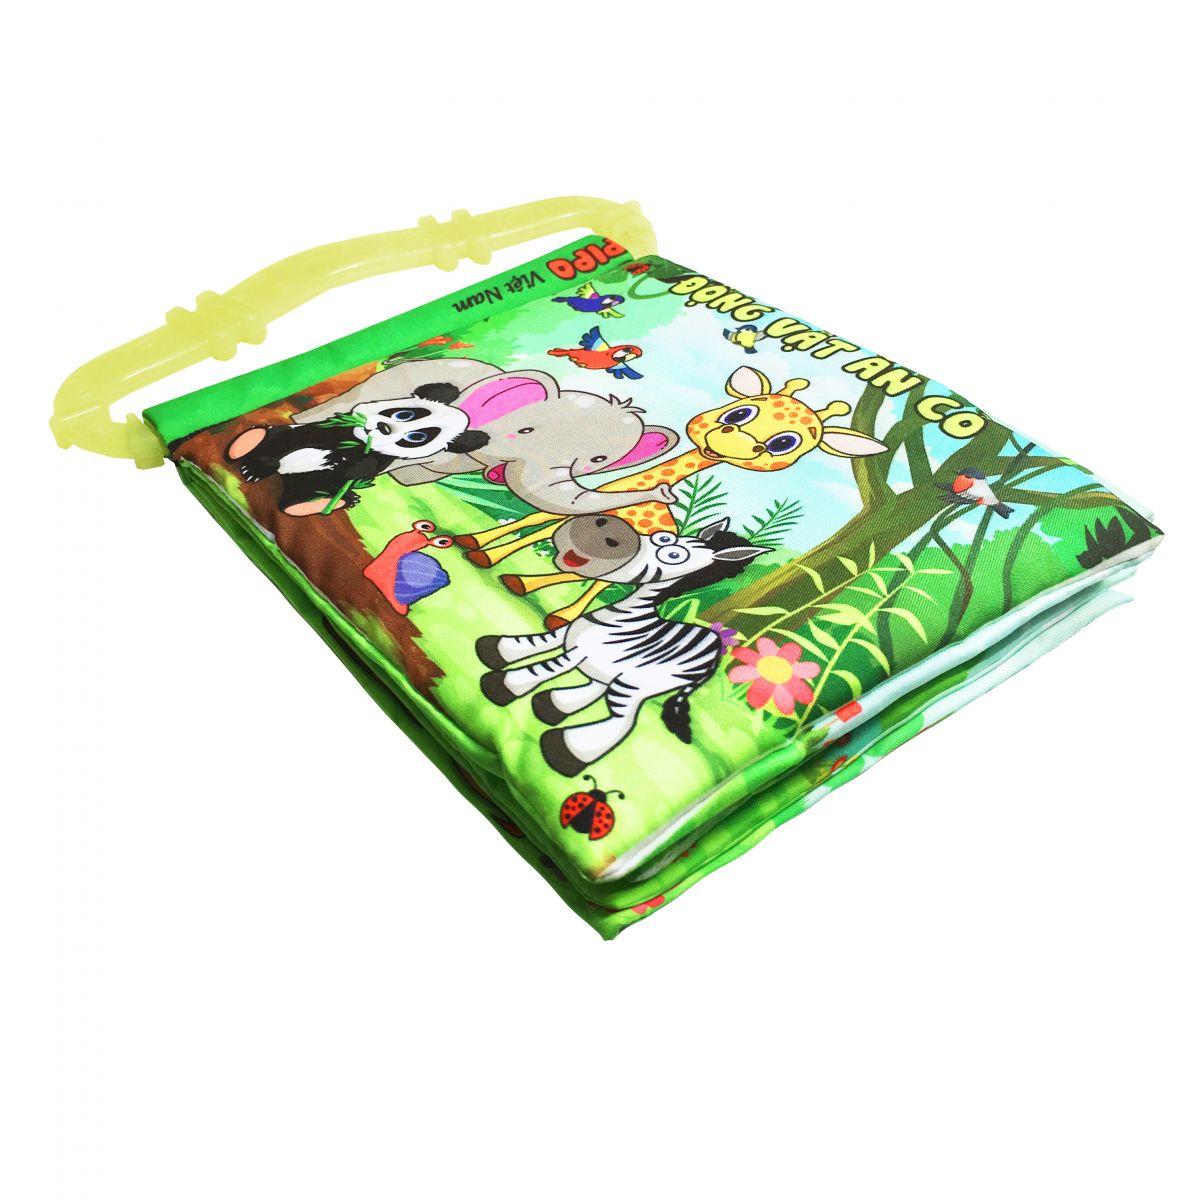 Sách vải Pipovietnam có quai - Động vật ăn cỏ